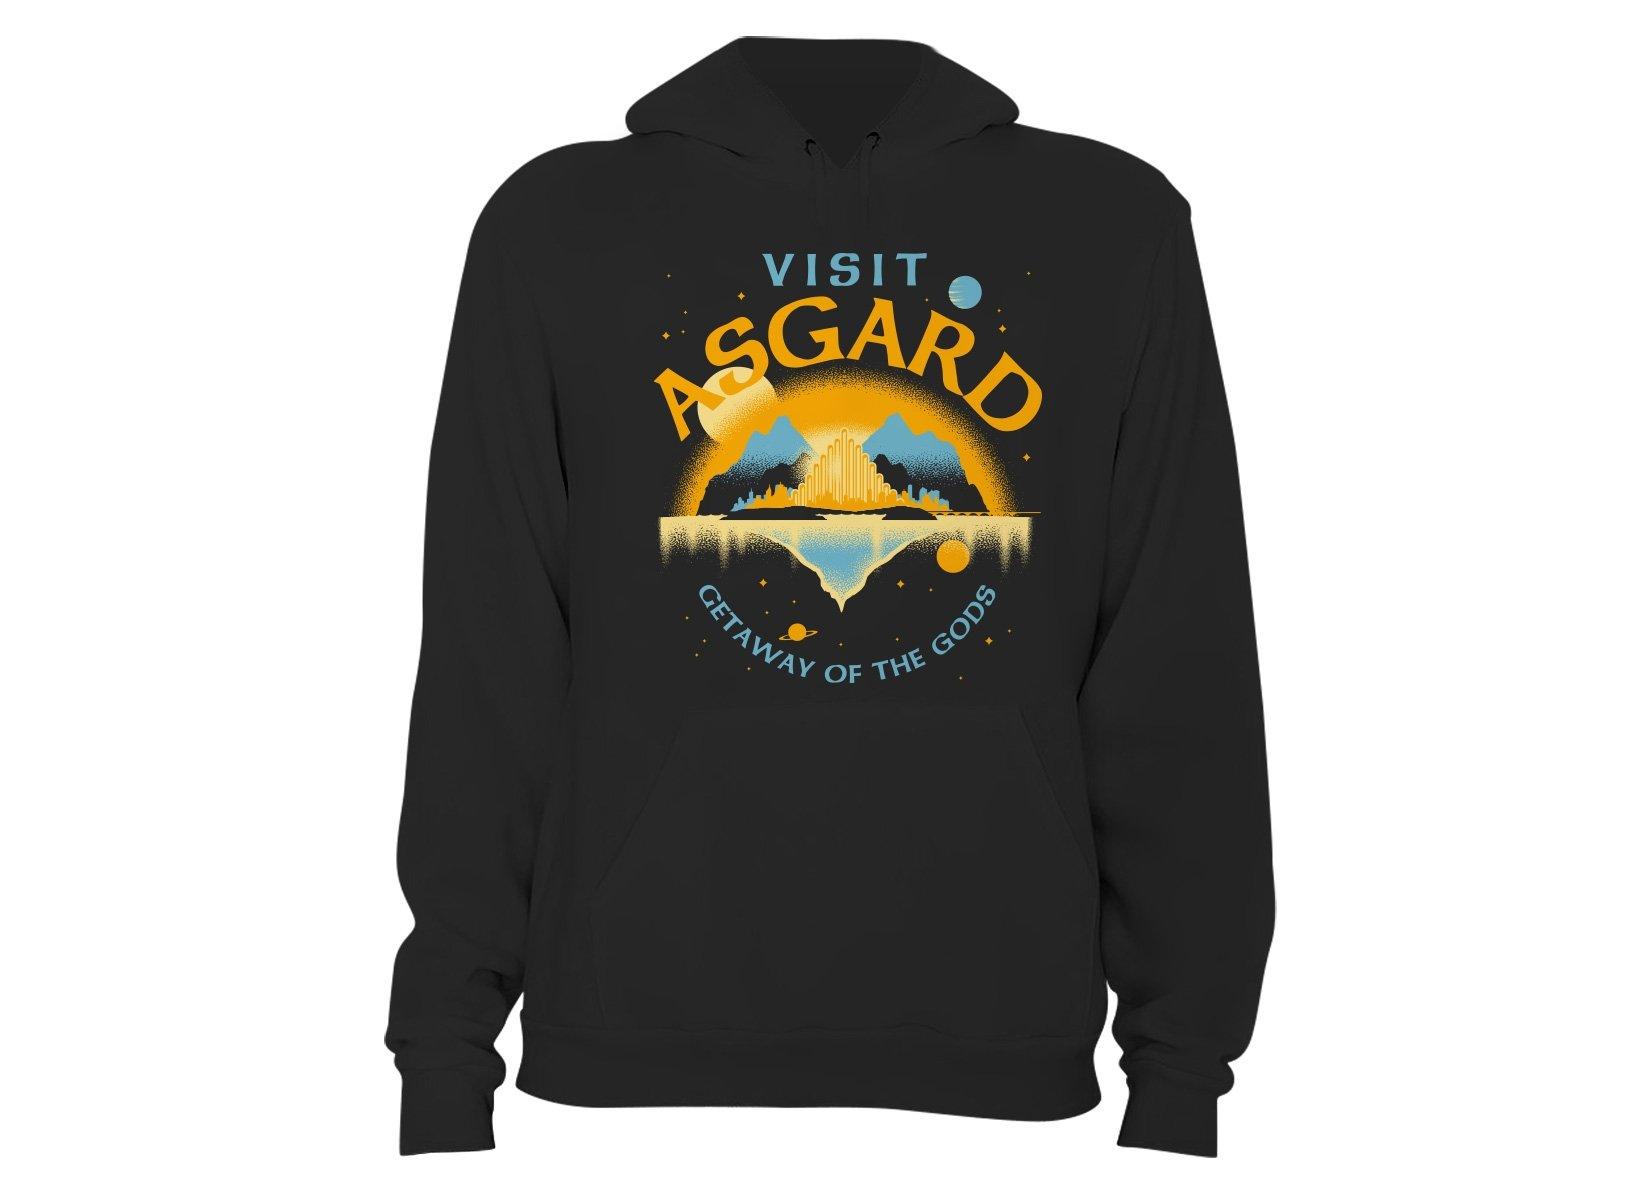 Visit Asgard on Hoodie